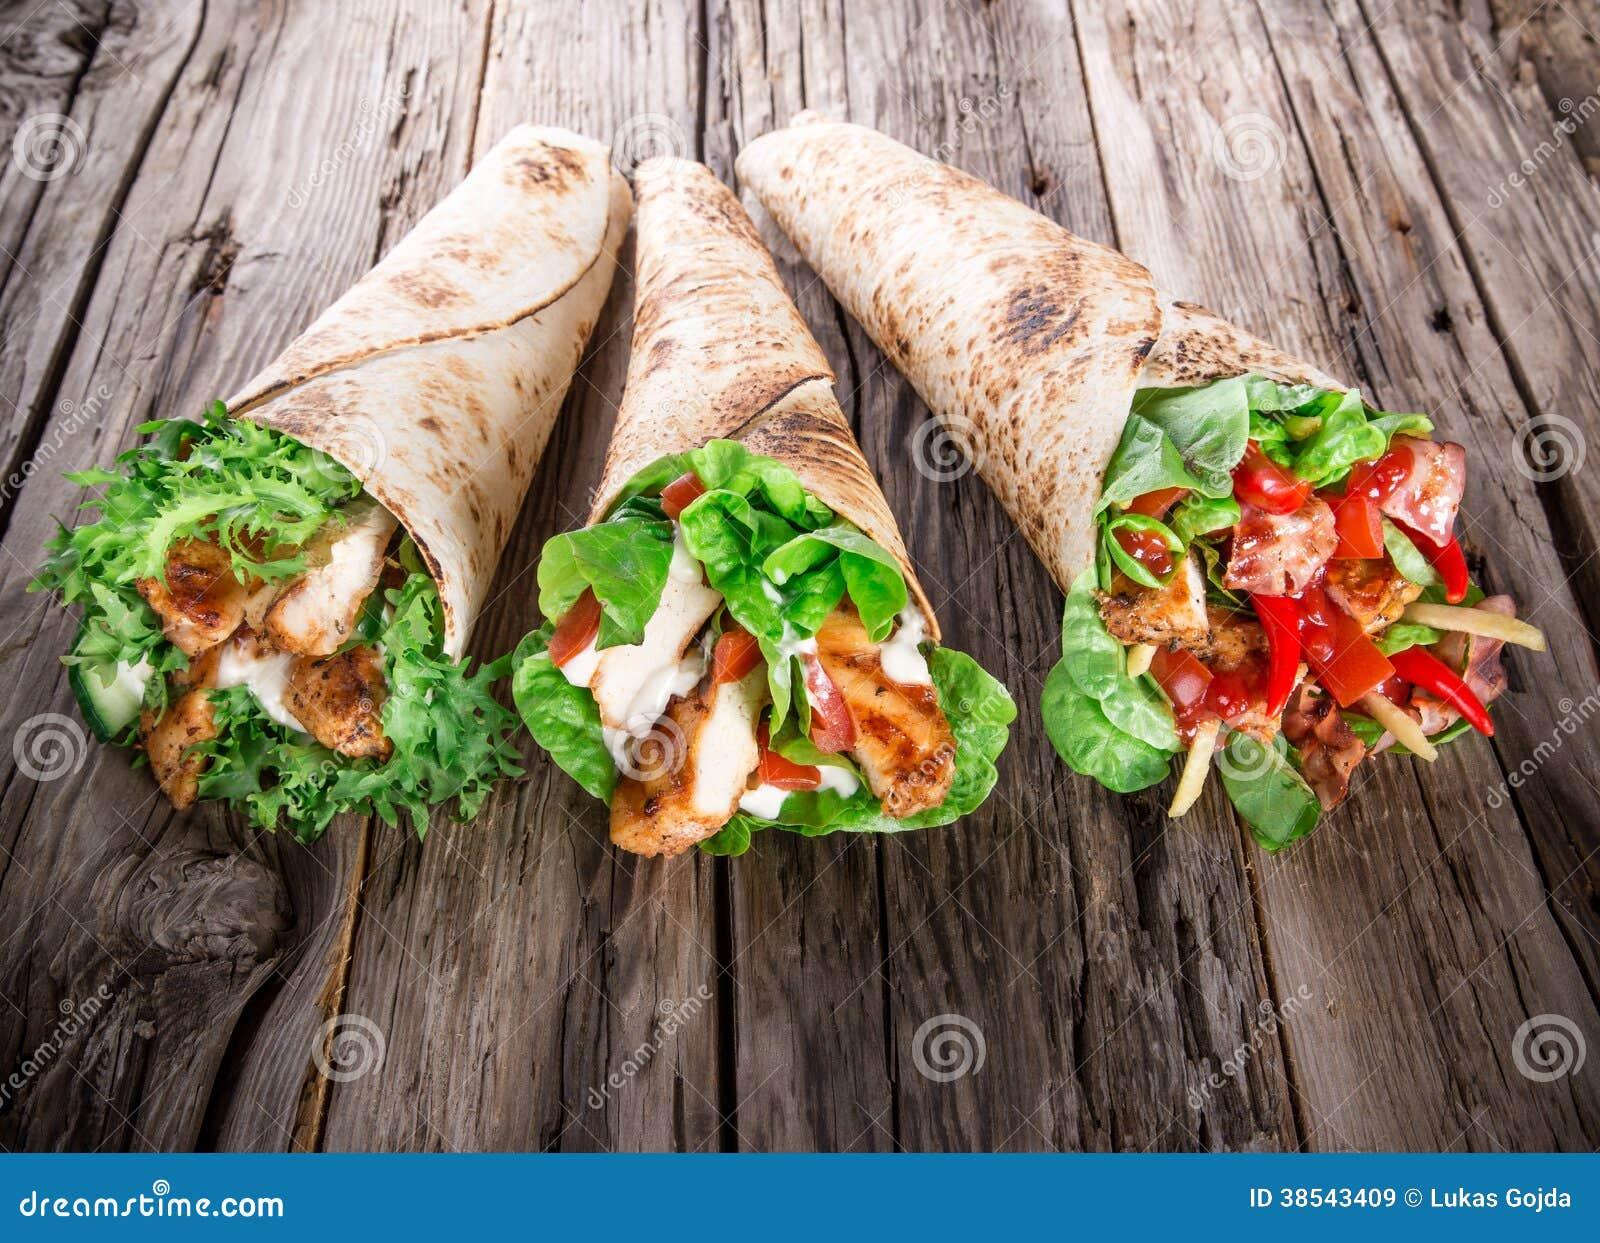 Bandes de poulet dans des enveloppes de tortilla